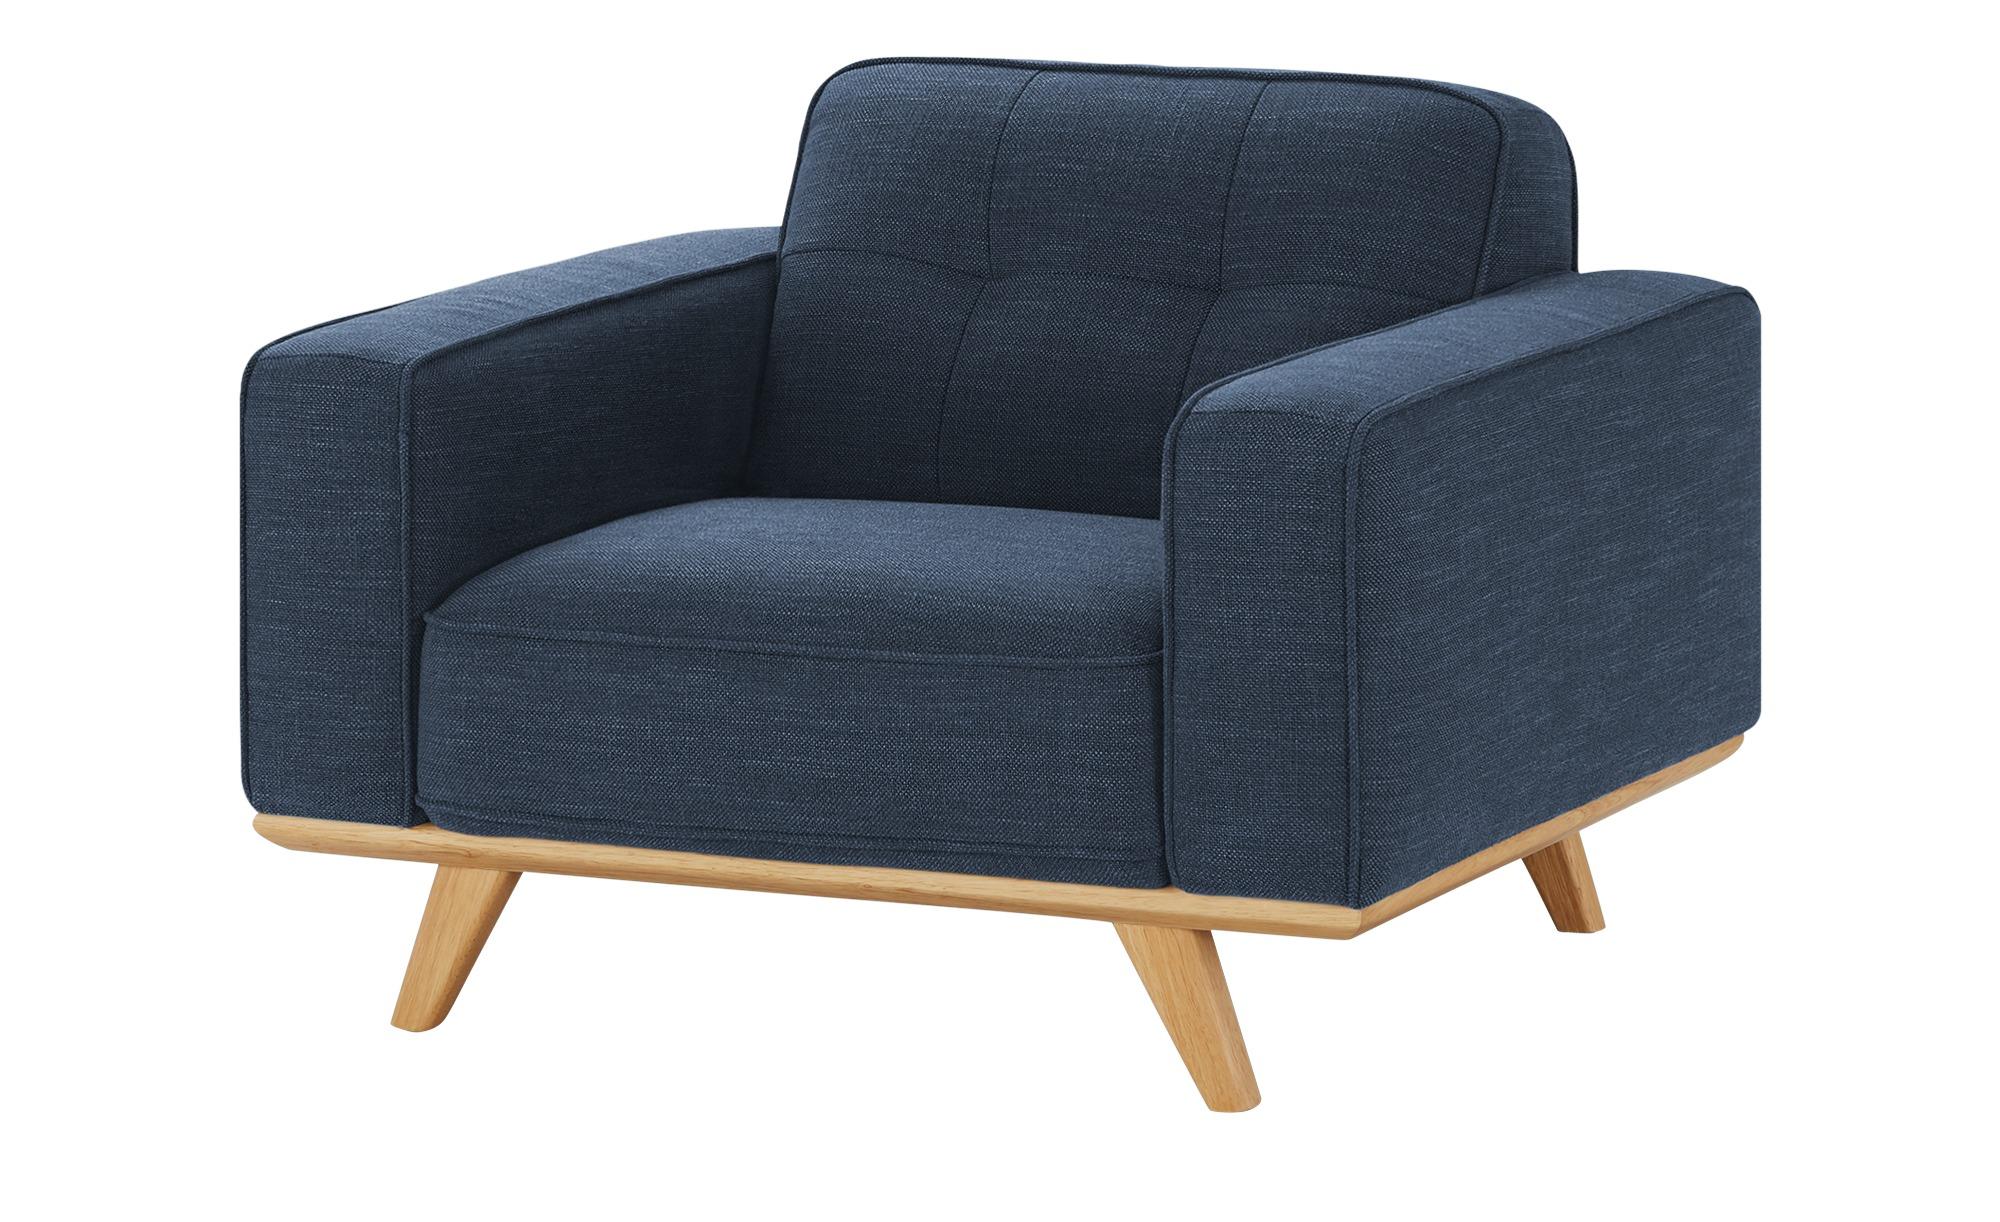 uno Sessel  Caralina ¦ blau ¦ Maße (cm): B: 112 H: 78 T: 95 Polstermöbel > Sessel > Polstersessel - Höffner